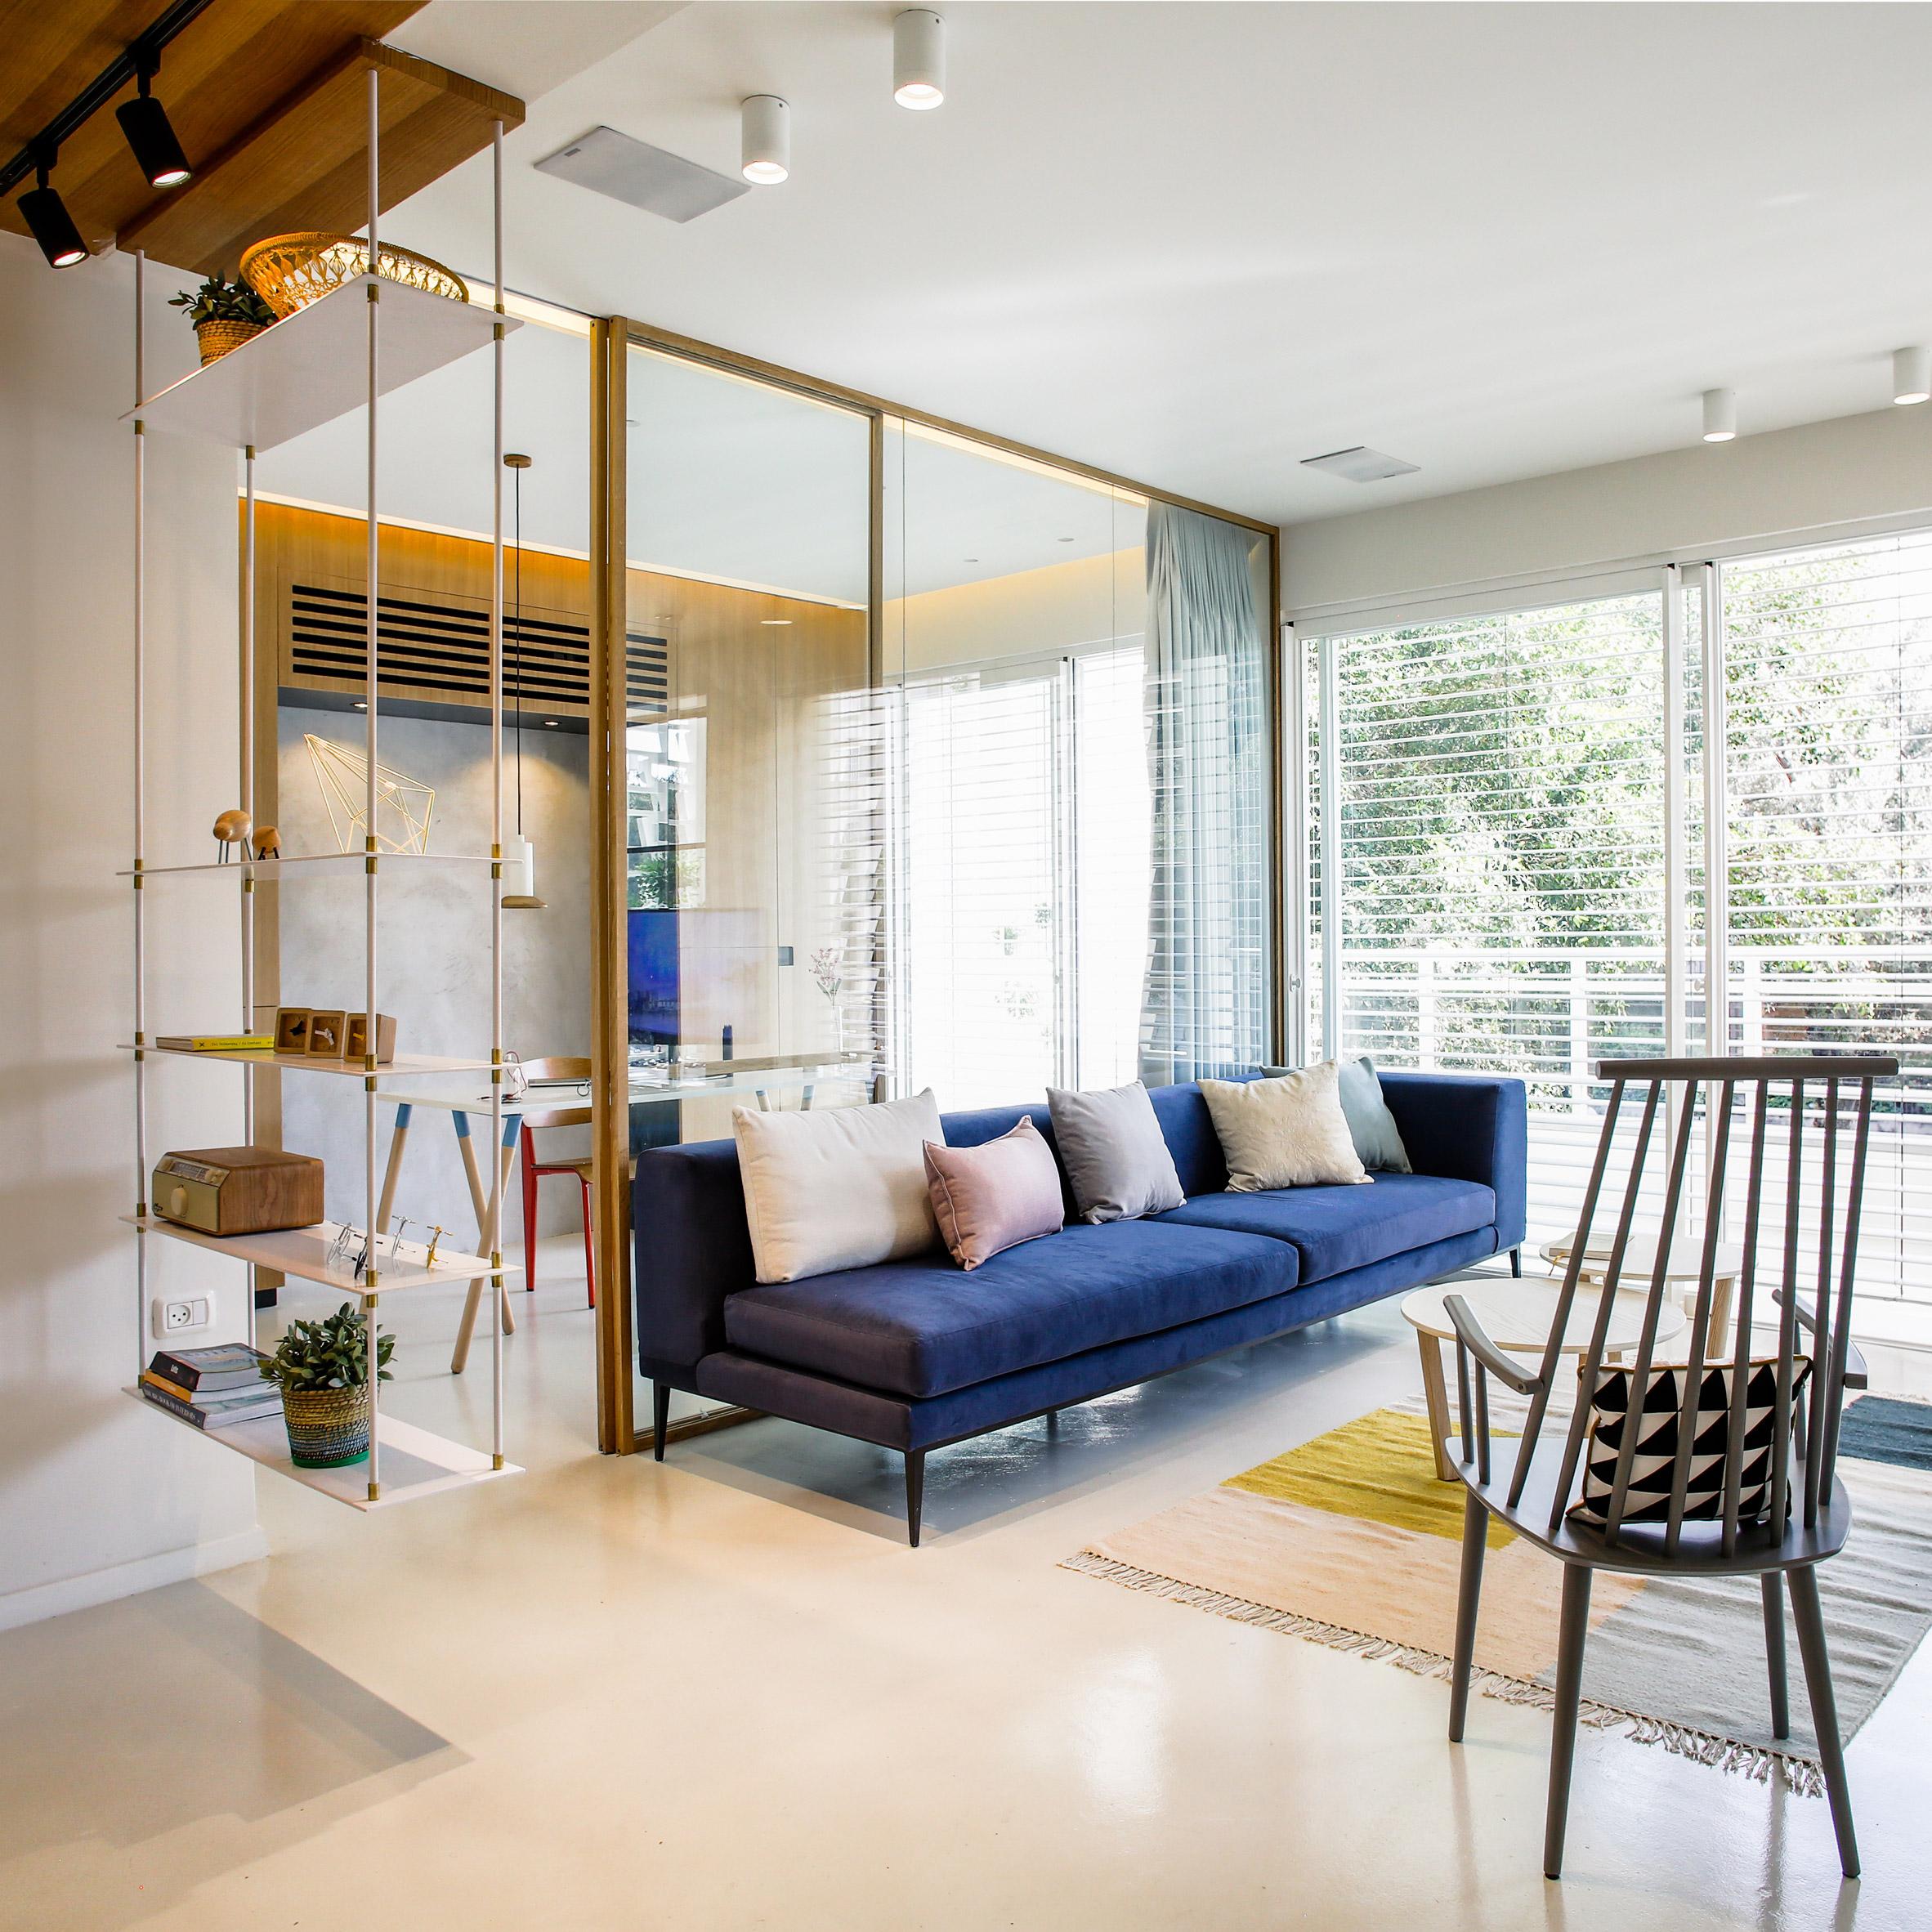 Однокомнатная квартира 40 кв м со стеллажом